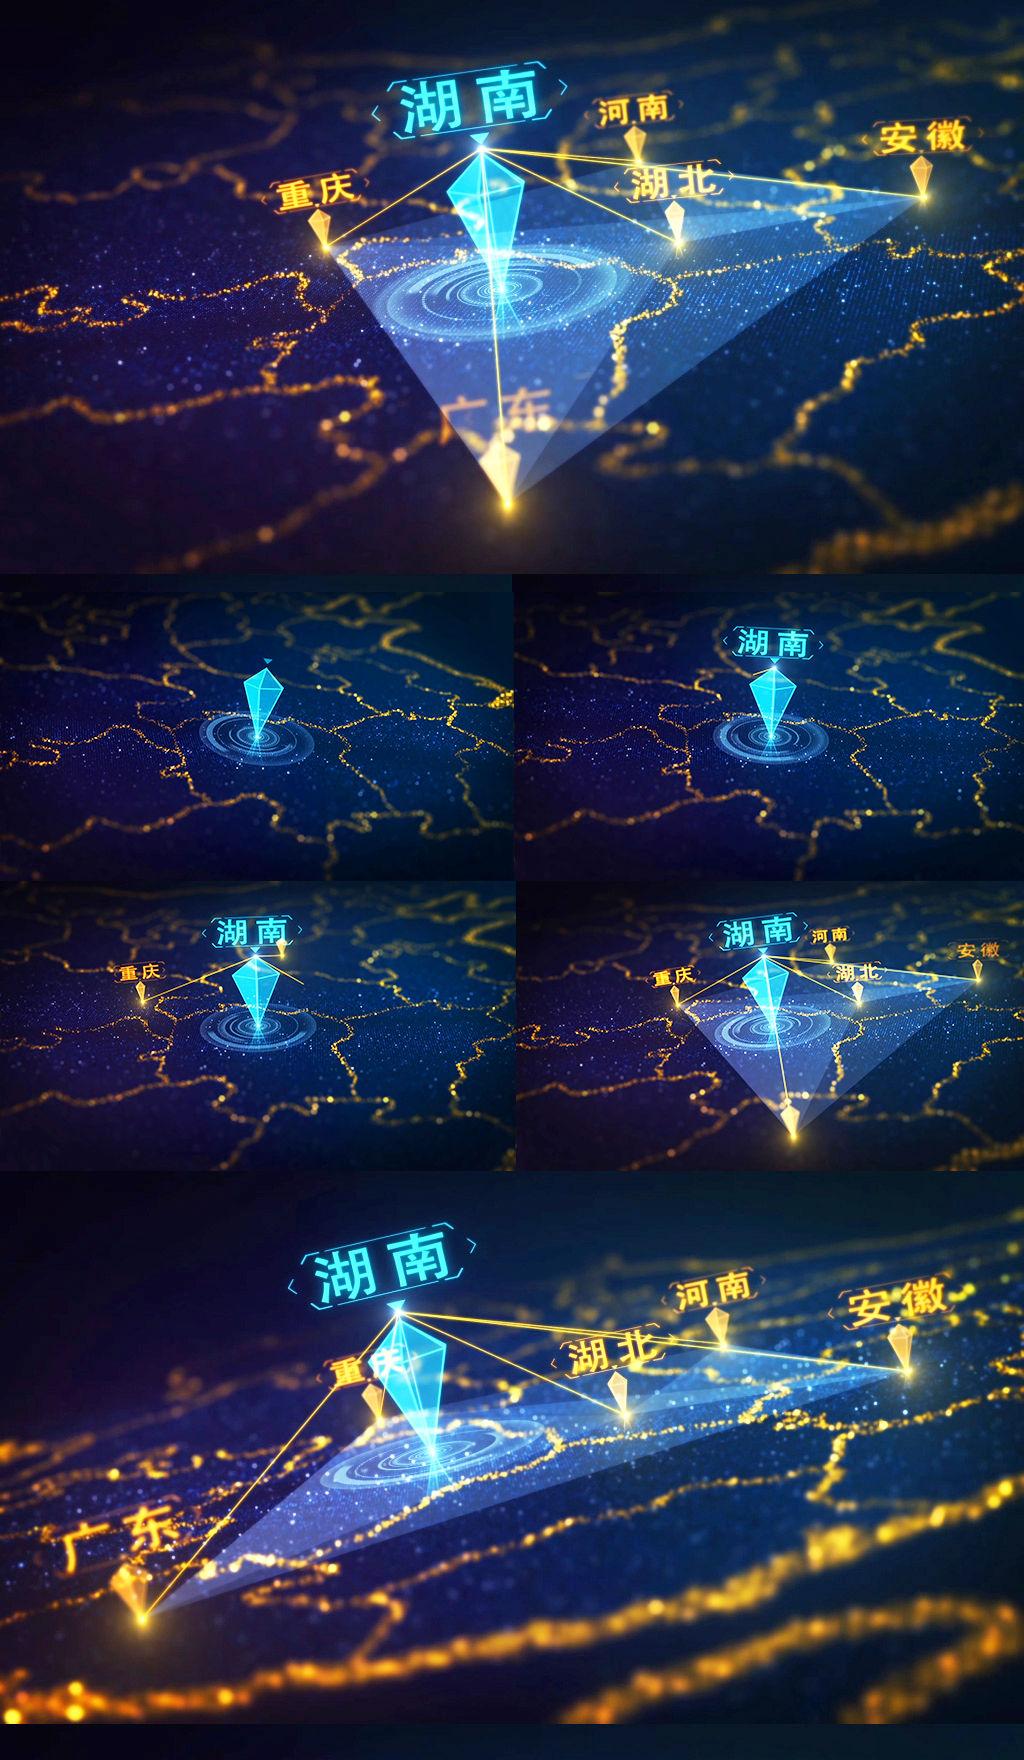 科技地图地理位置展示